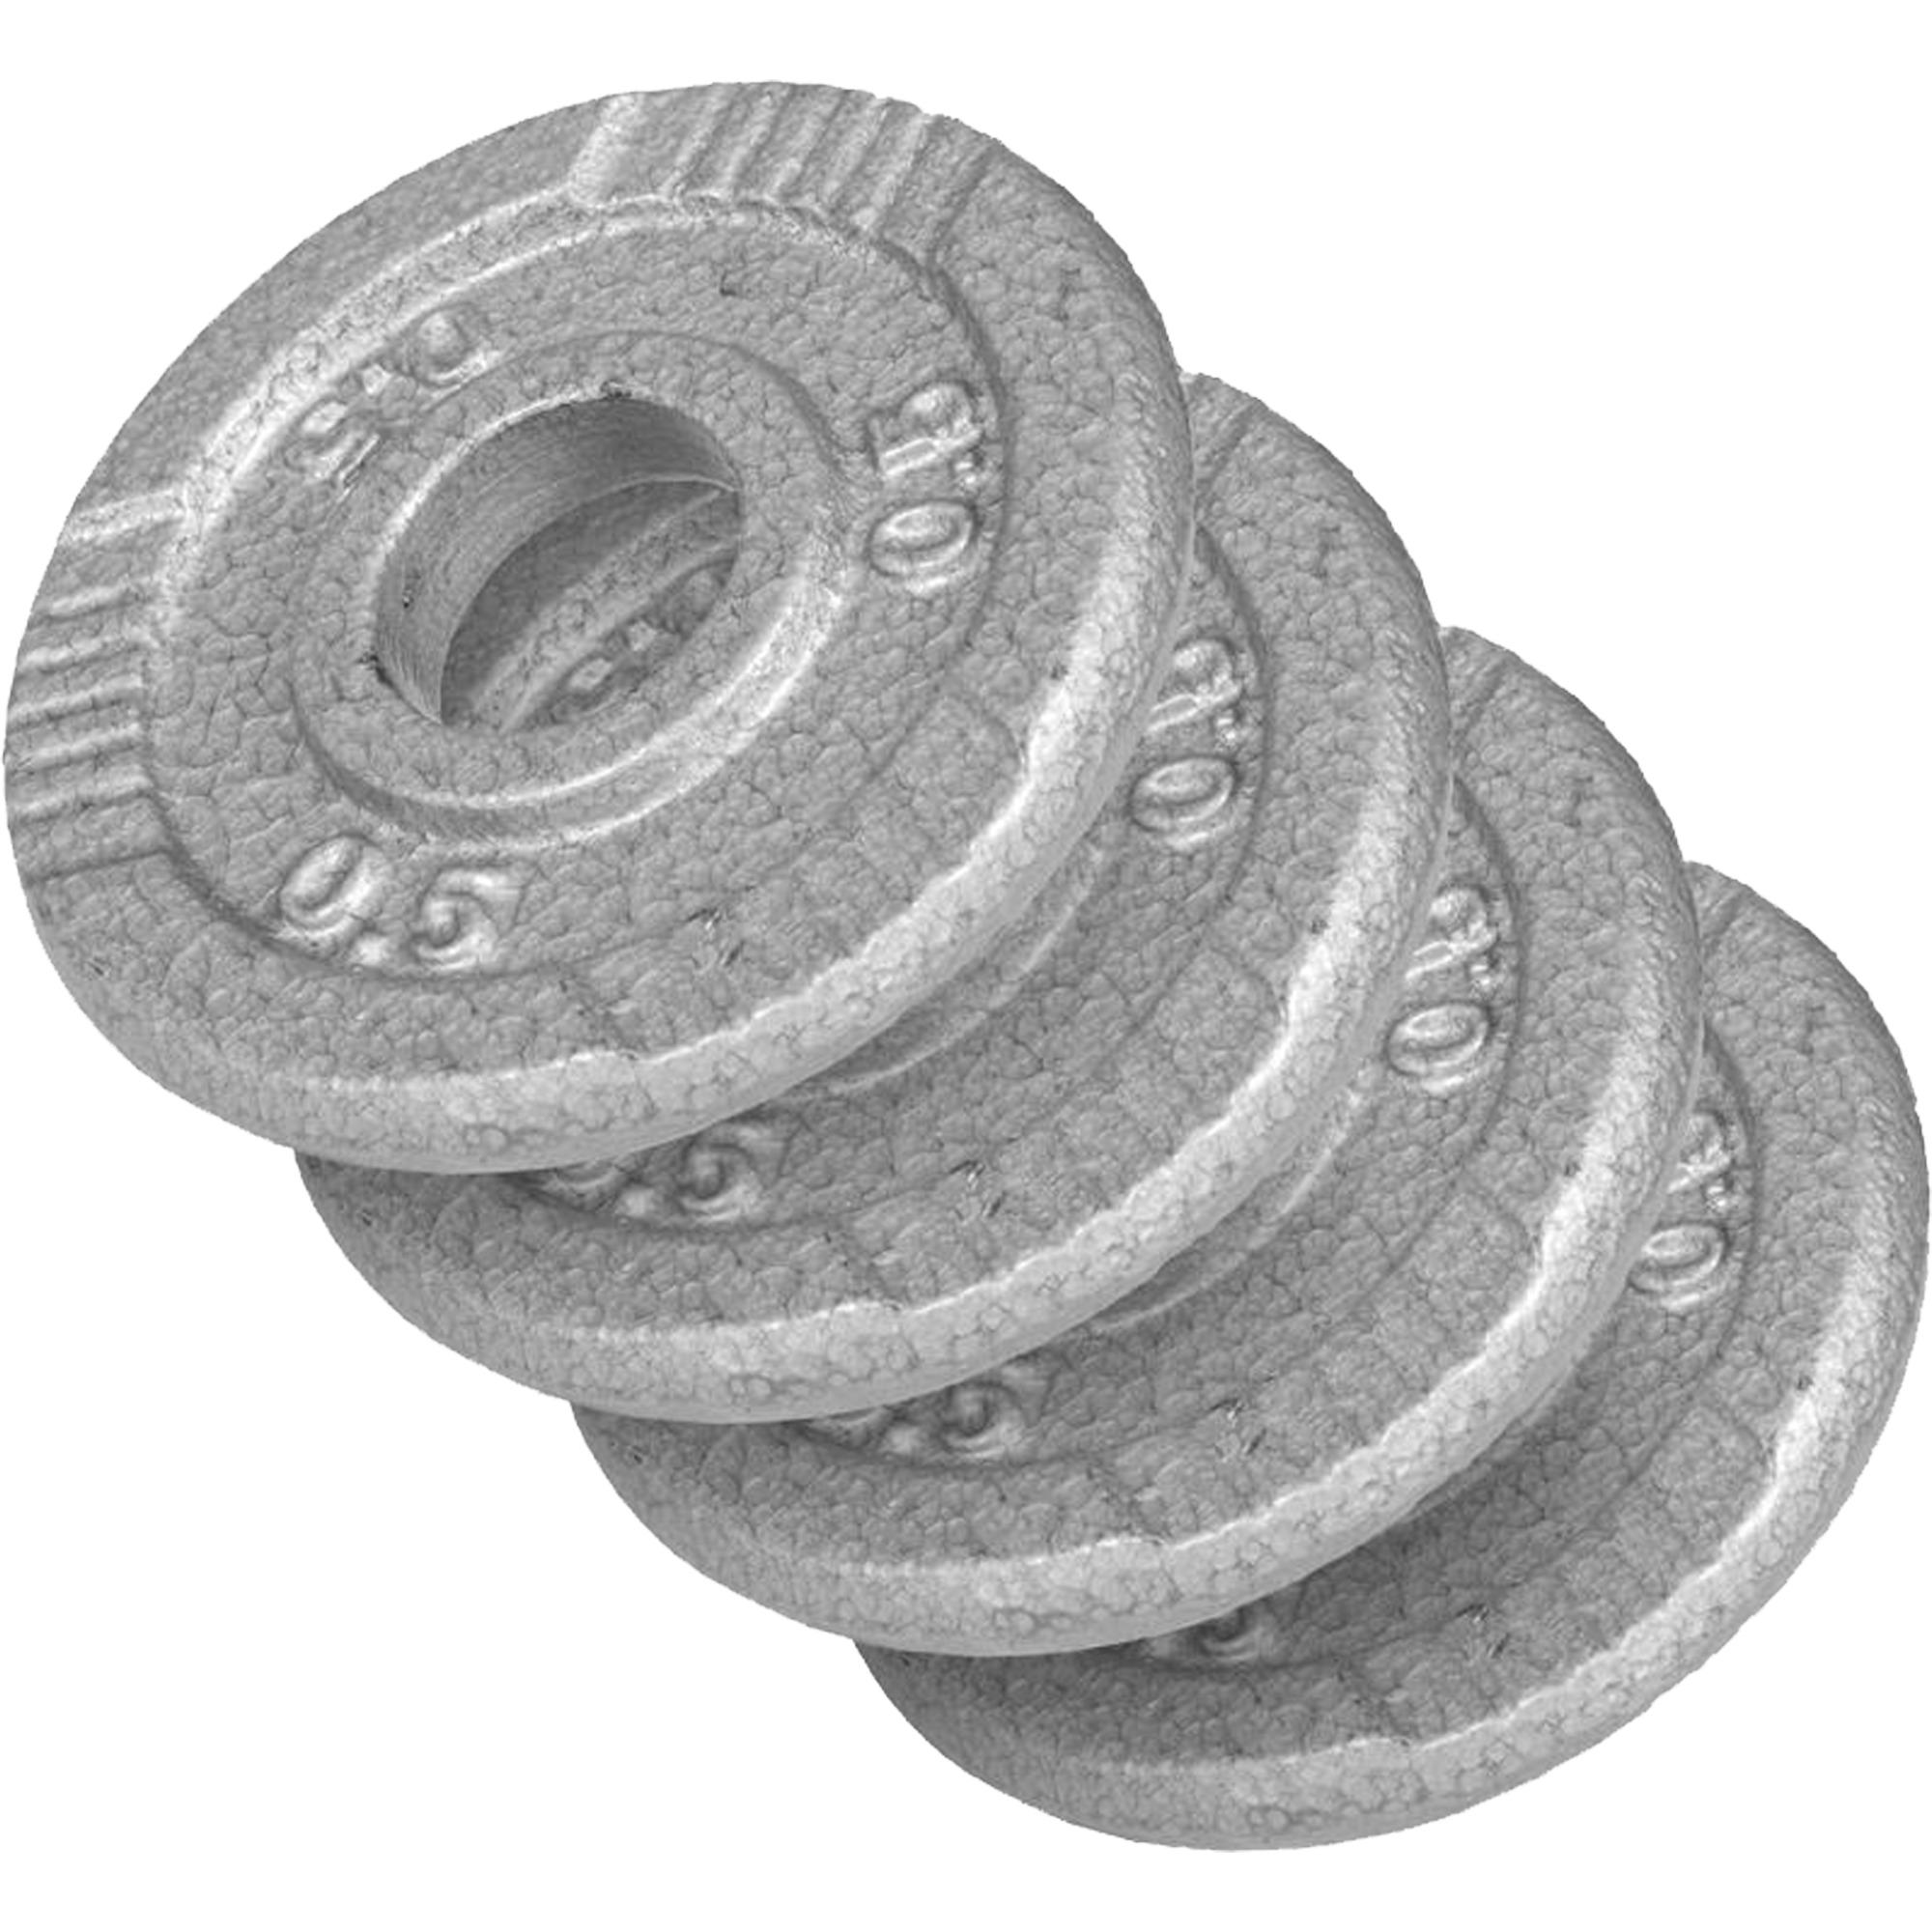 Gorilla-Sports-Disques-en-fonte-avec-poignees-31-mm-Gris-De-0-5-KG-a-20 miniature 7